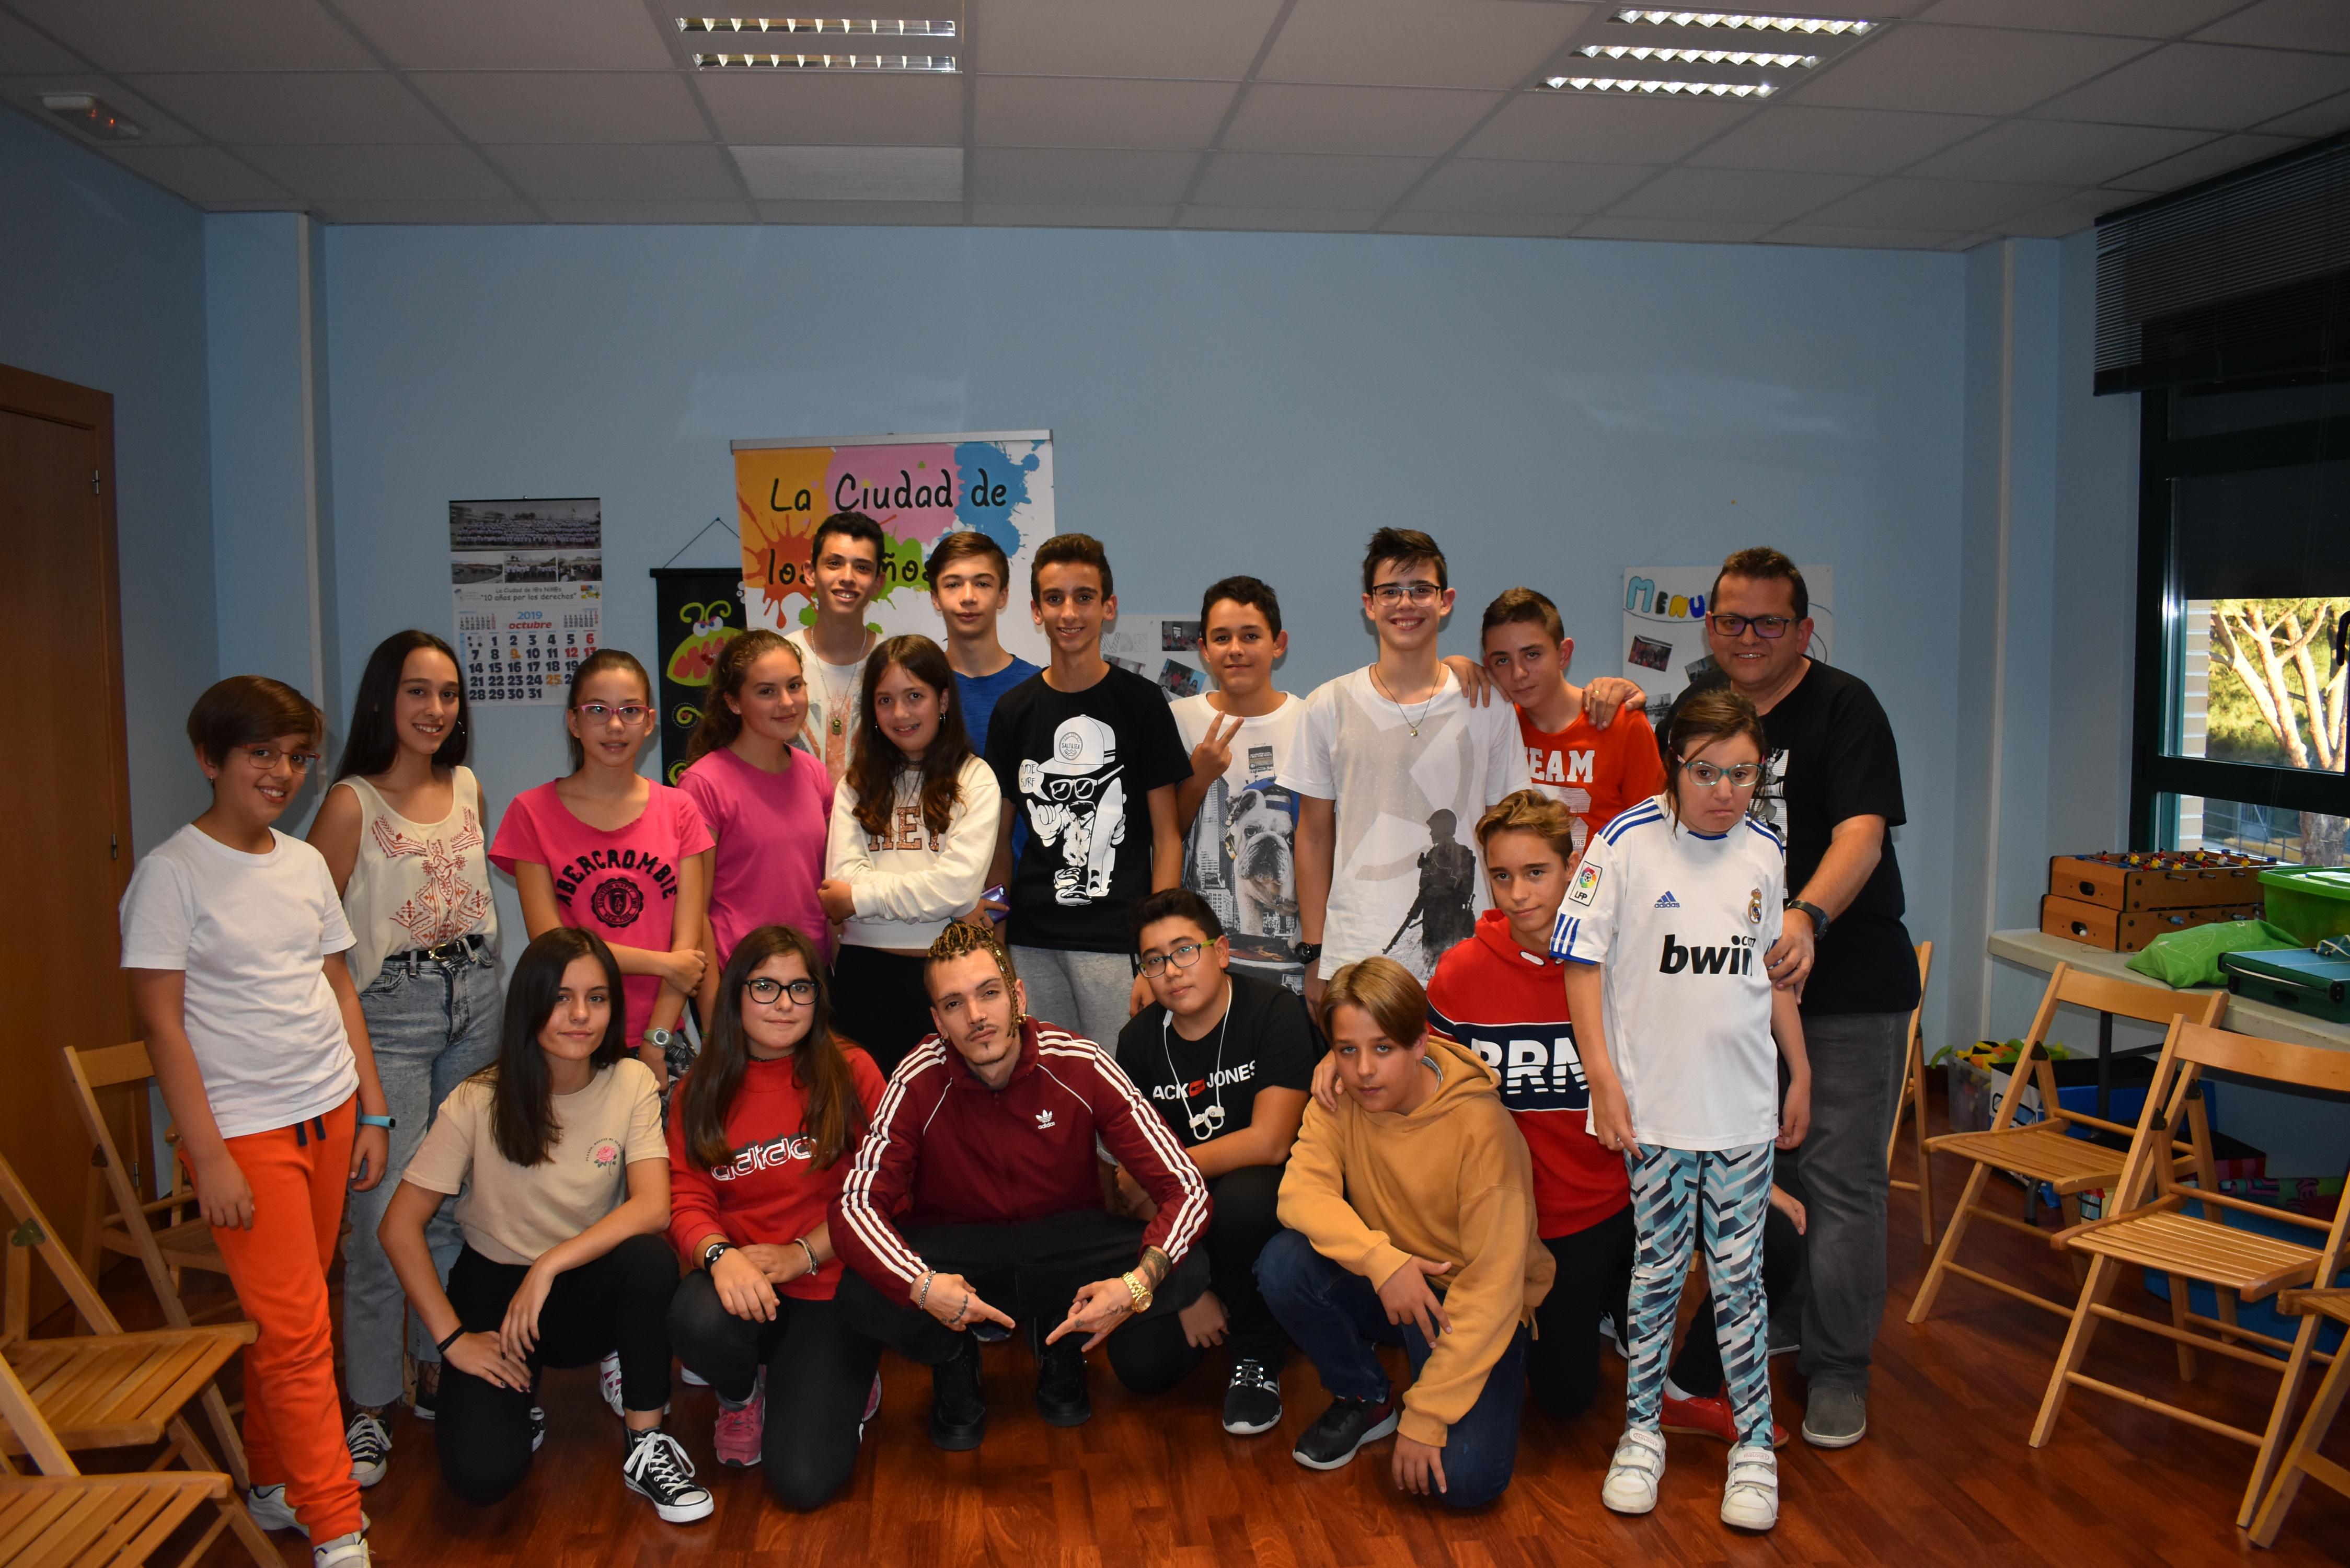 Recordando la entrevista a BLAKE en CiberVoz (16 Oct)